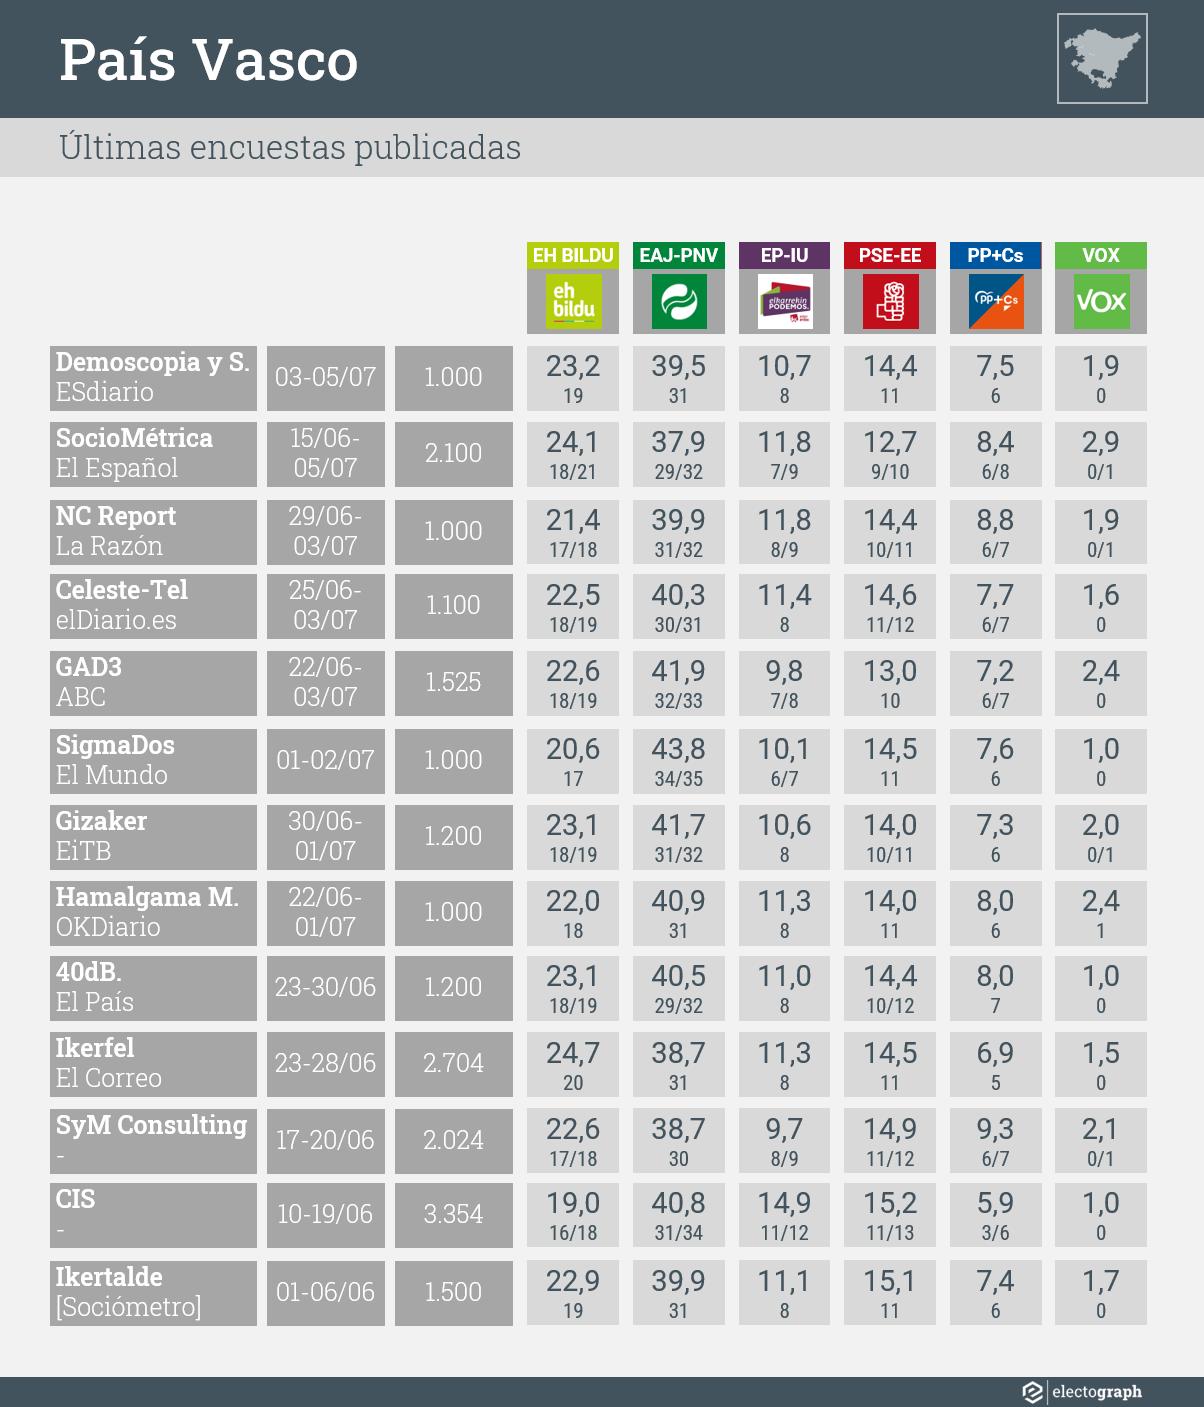 Últimas encuestas publicadas para las elecciones autonómicas del 12 de julio de 2020 en País Vasco